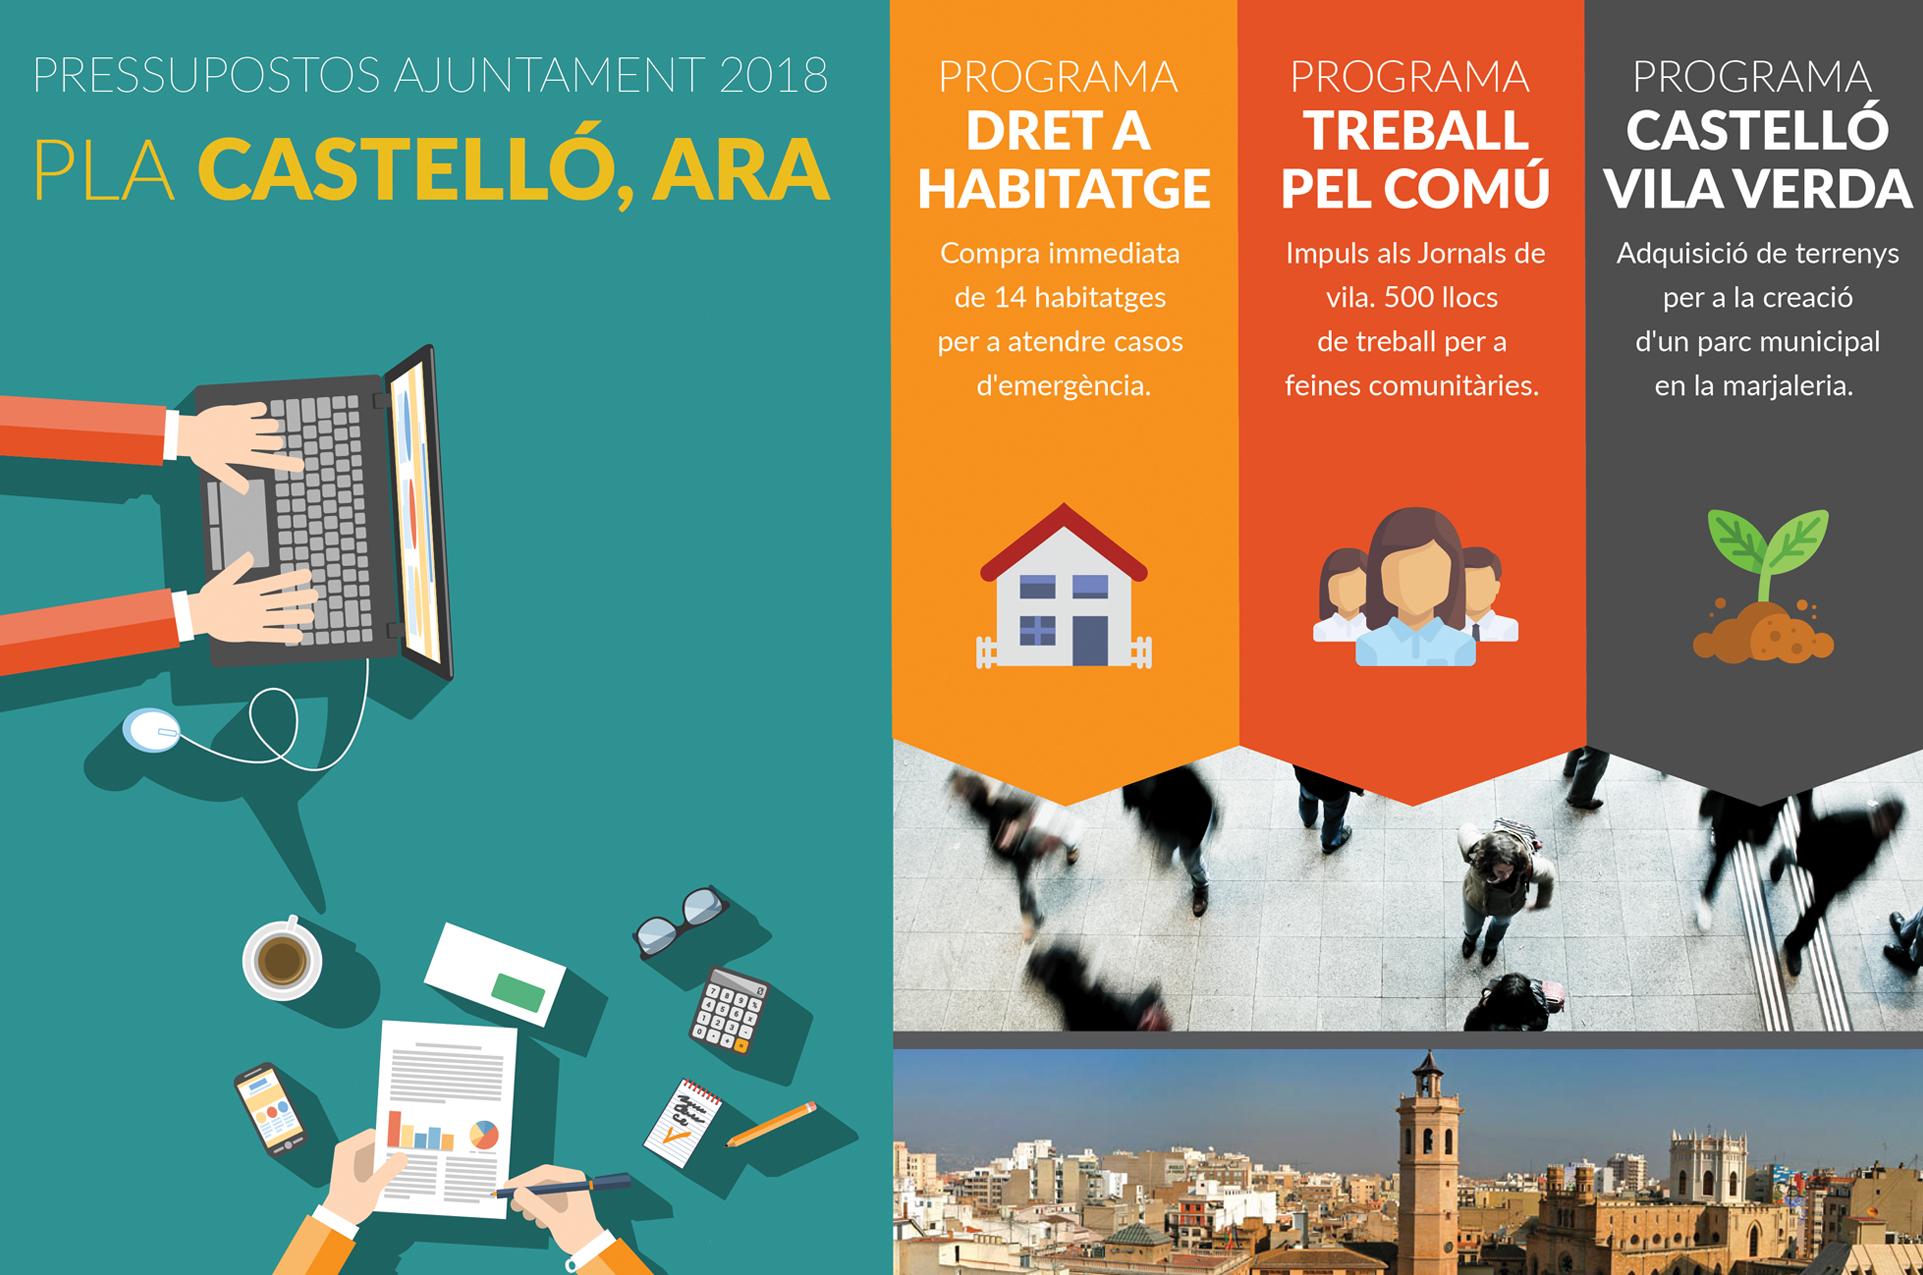 Fixem Com Objectius Prioritaris Per 2018 Ocupació, Habitatge I Medi Ambient